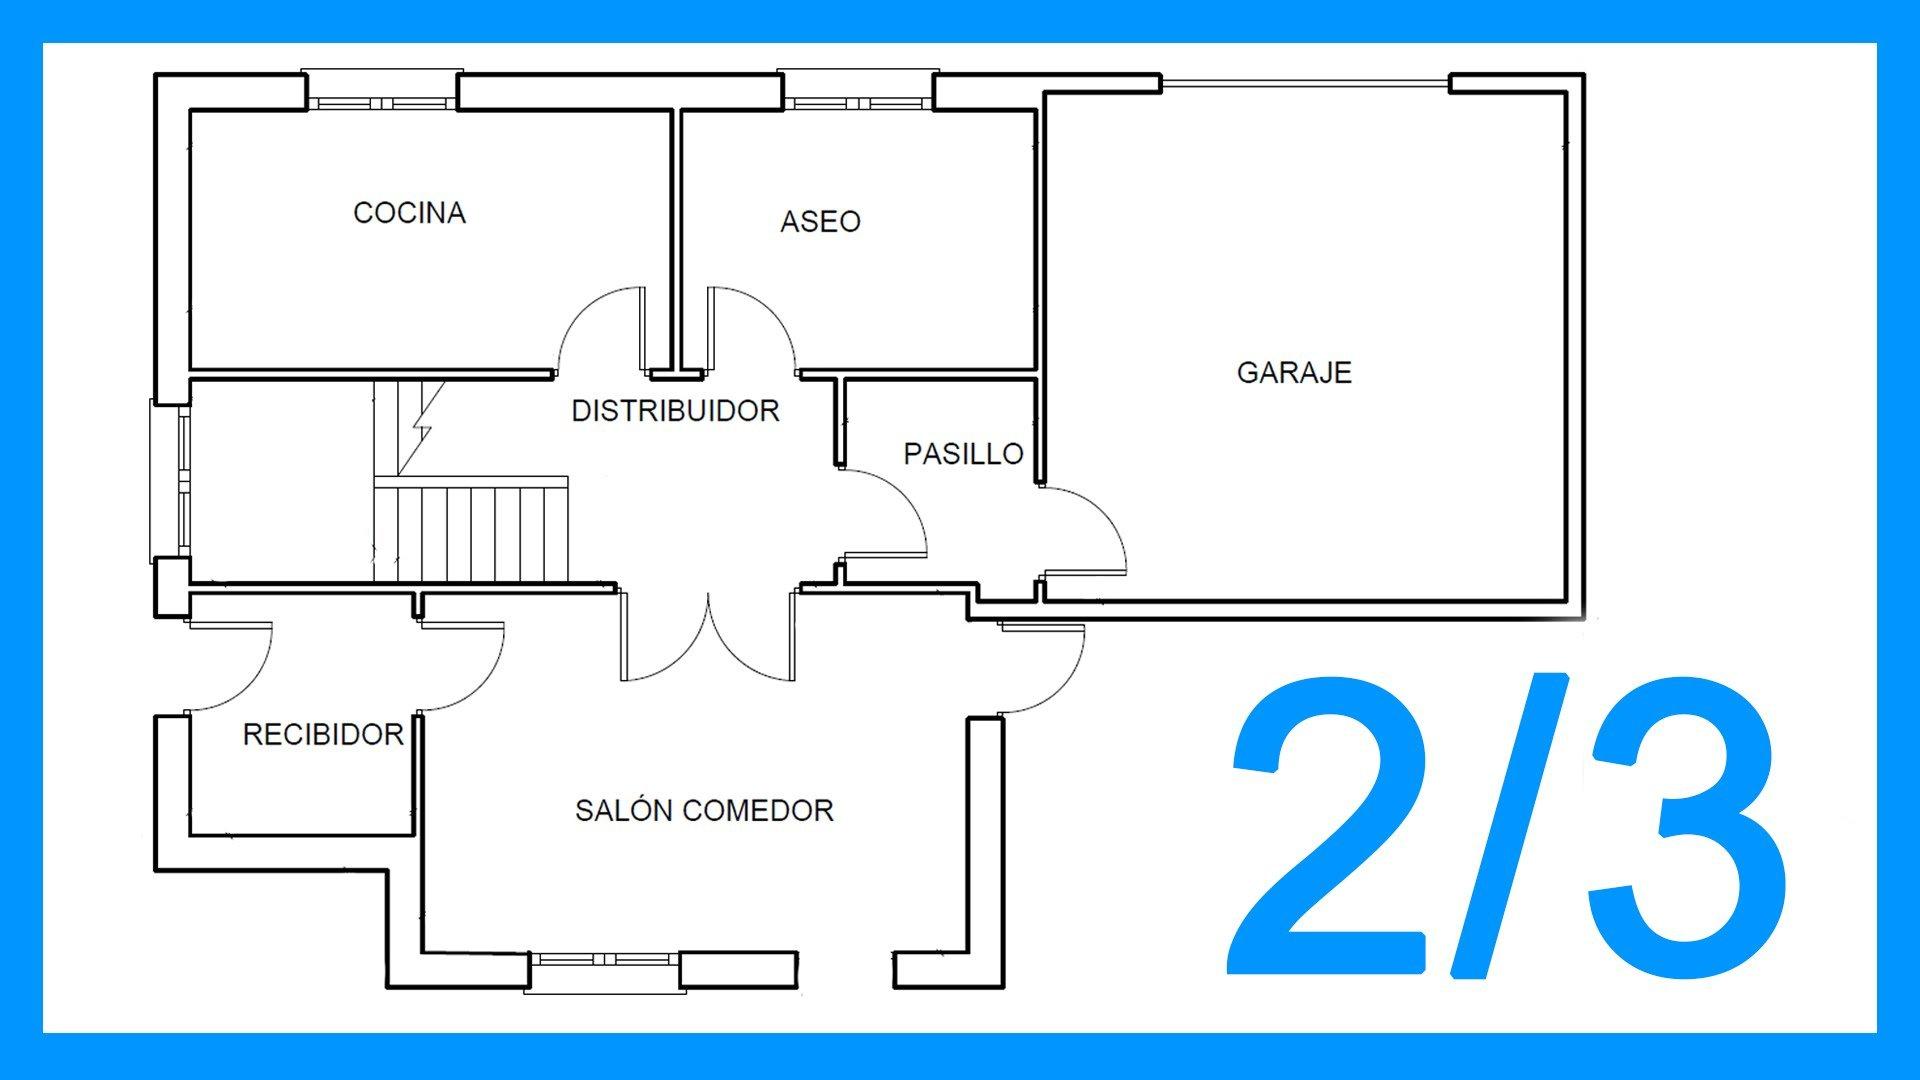 Autocad – 2/3 Dibujar el plano de una casa paso a paso en Autocad.